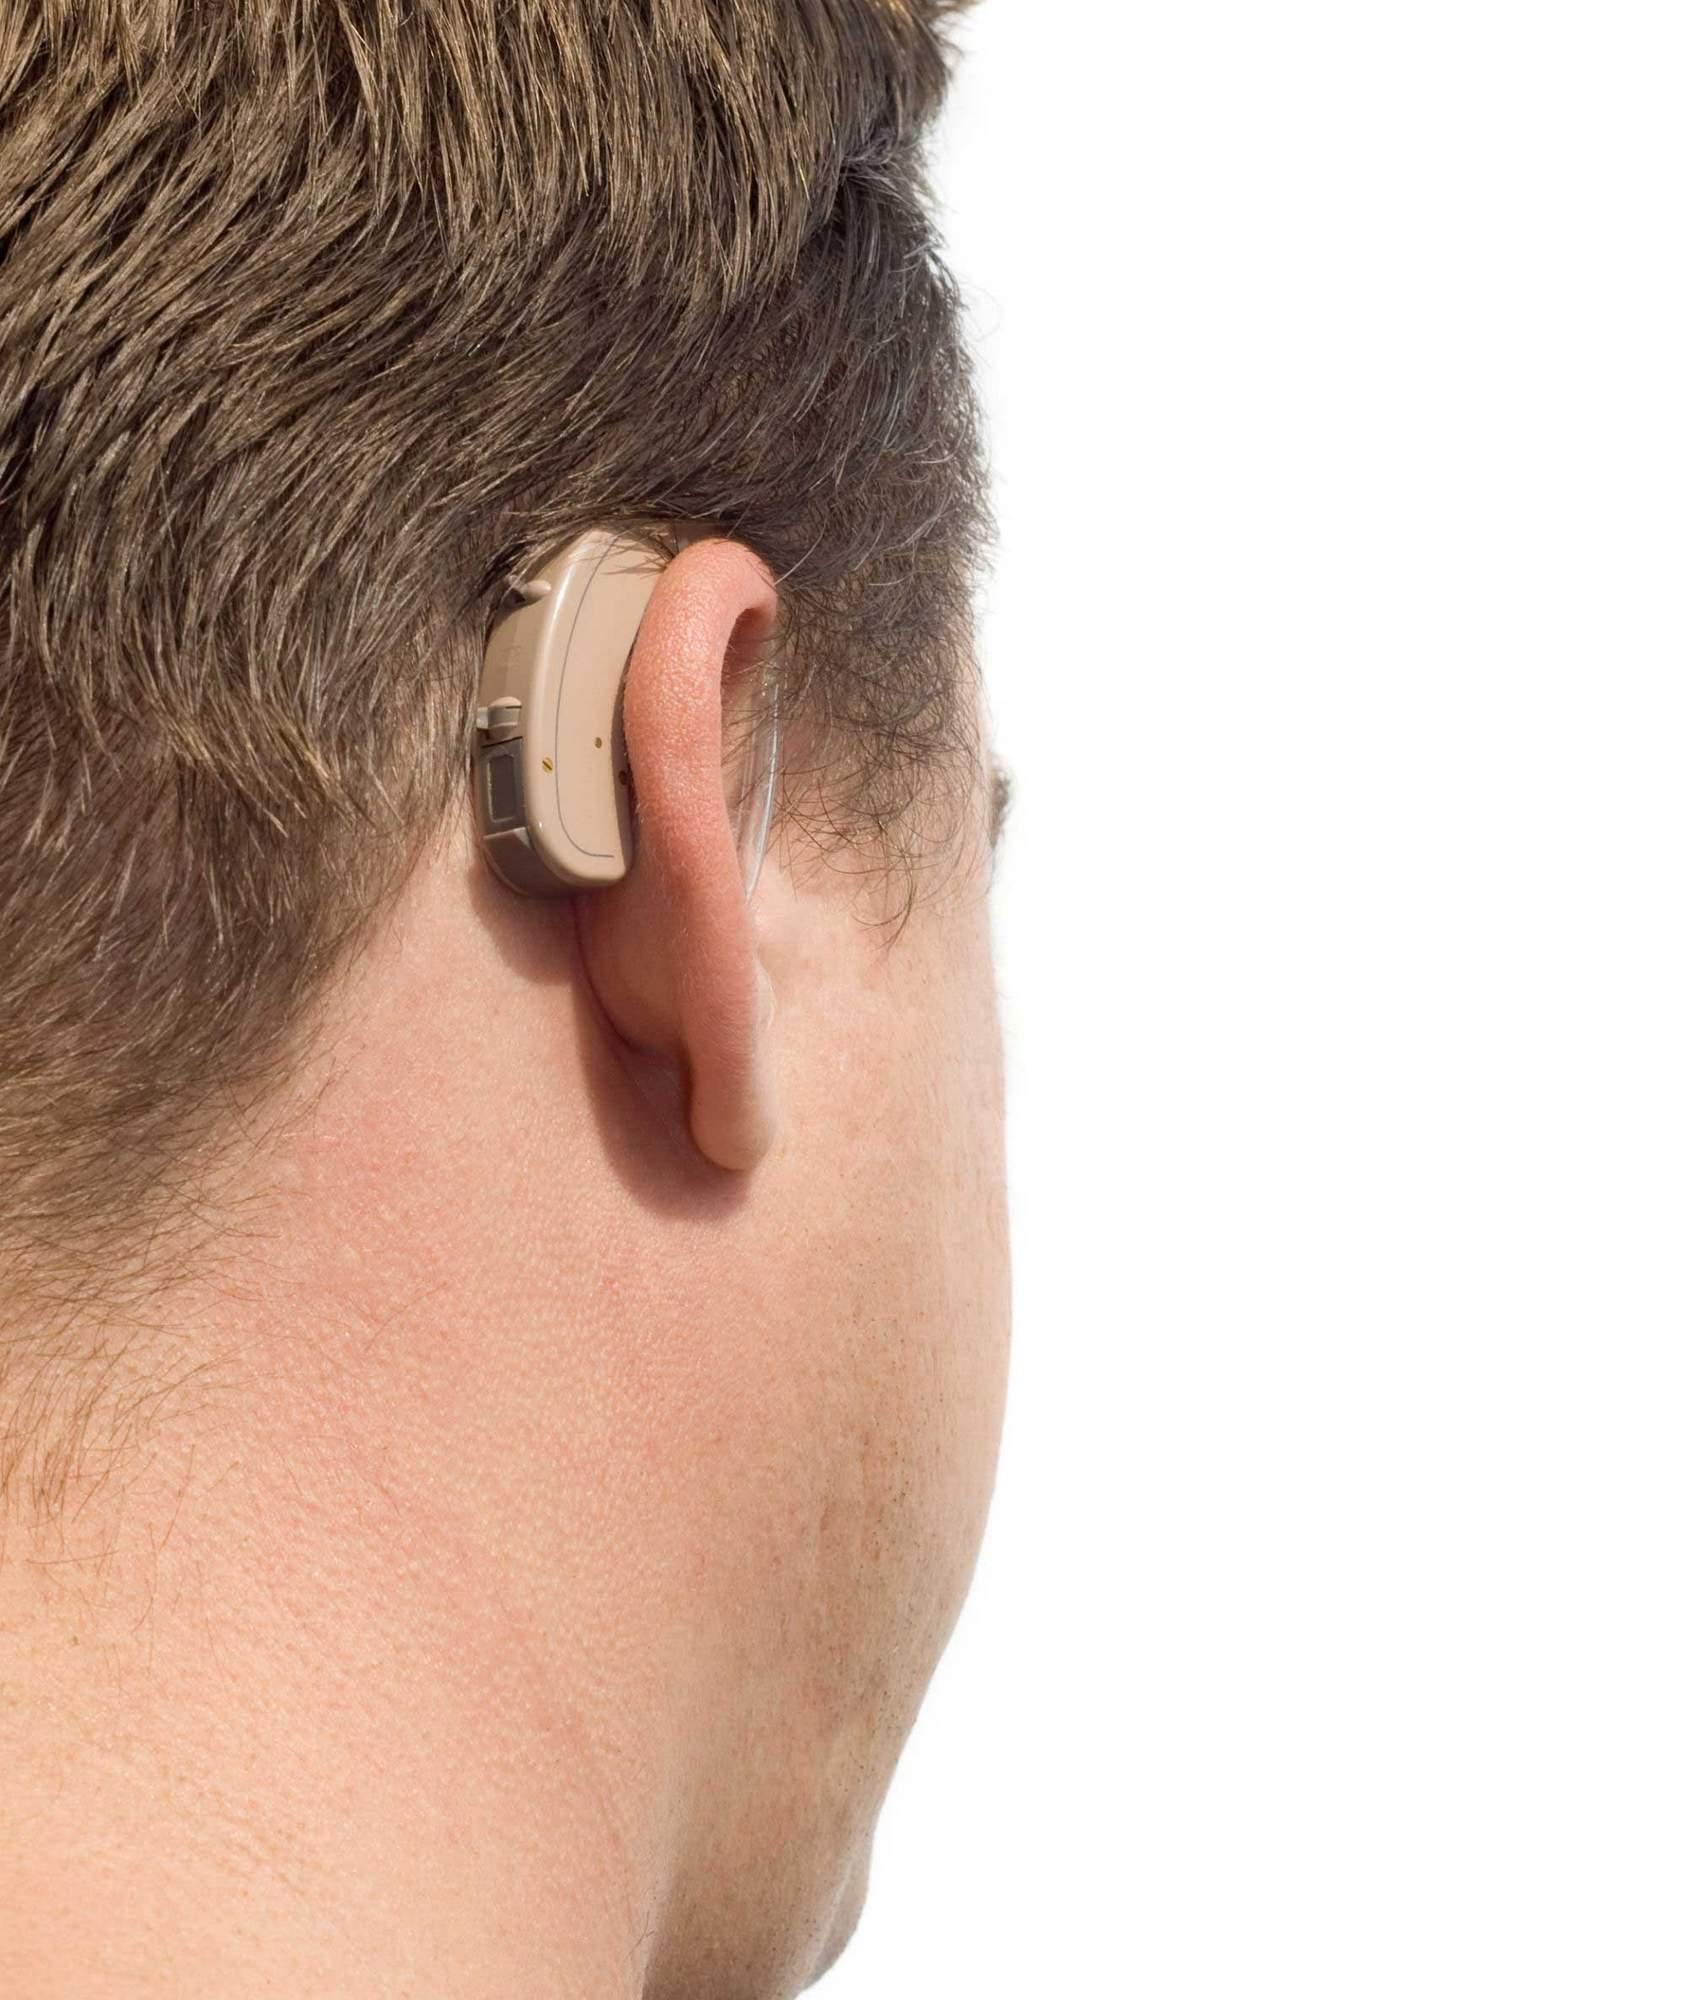 um-aparelho-auditivo-e-suficiente